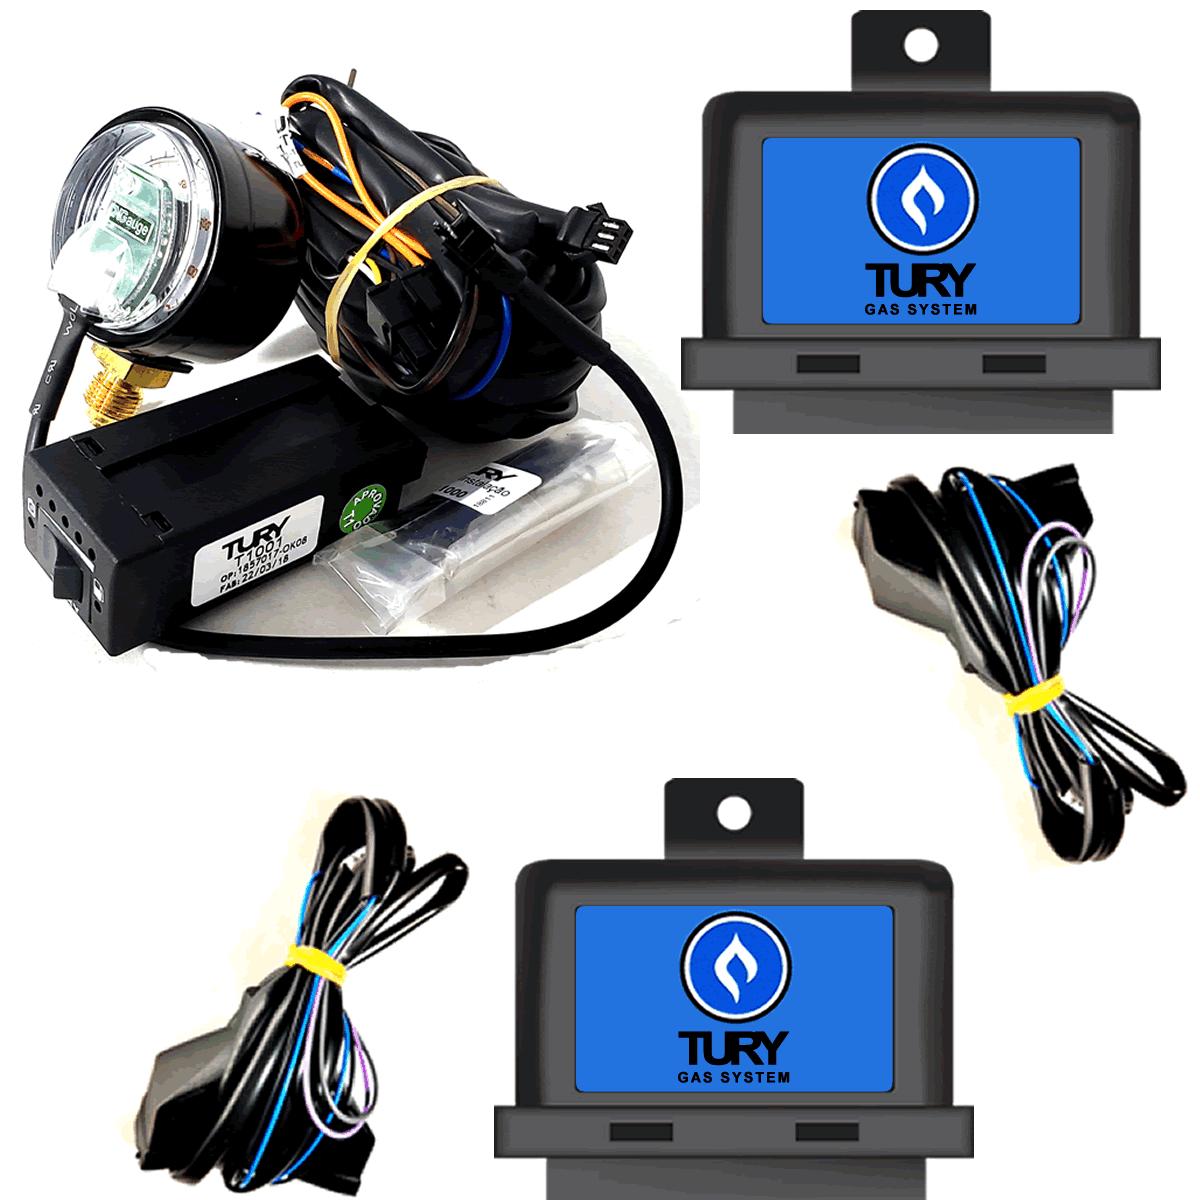 Conjunto GNV Comutadora Emulador Mono Simulador de Sonda Veiculos Ineção